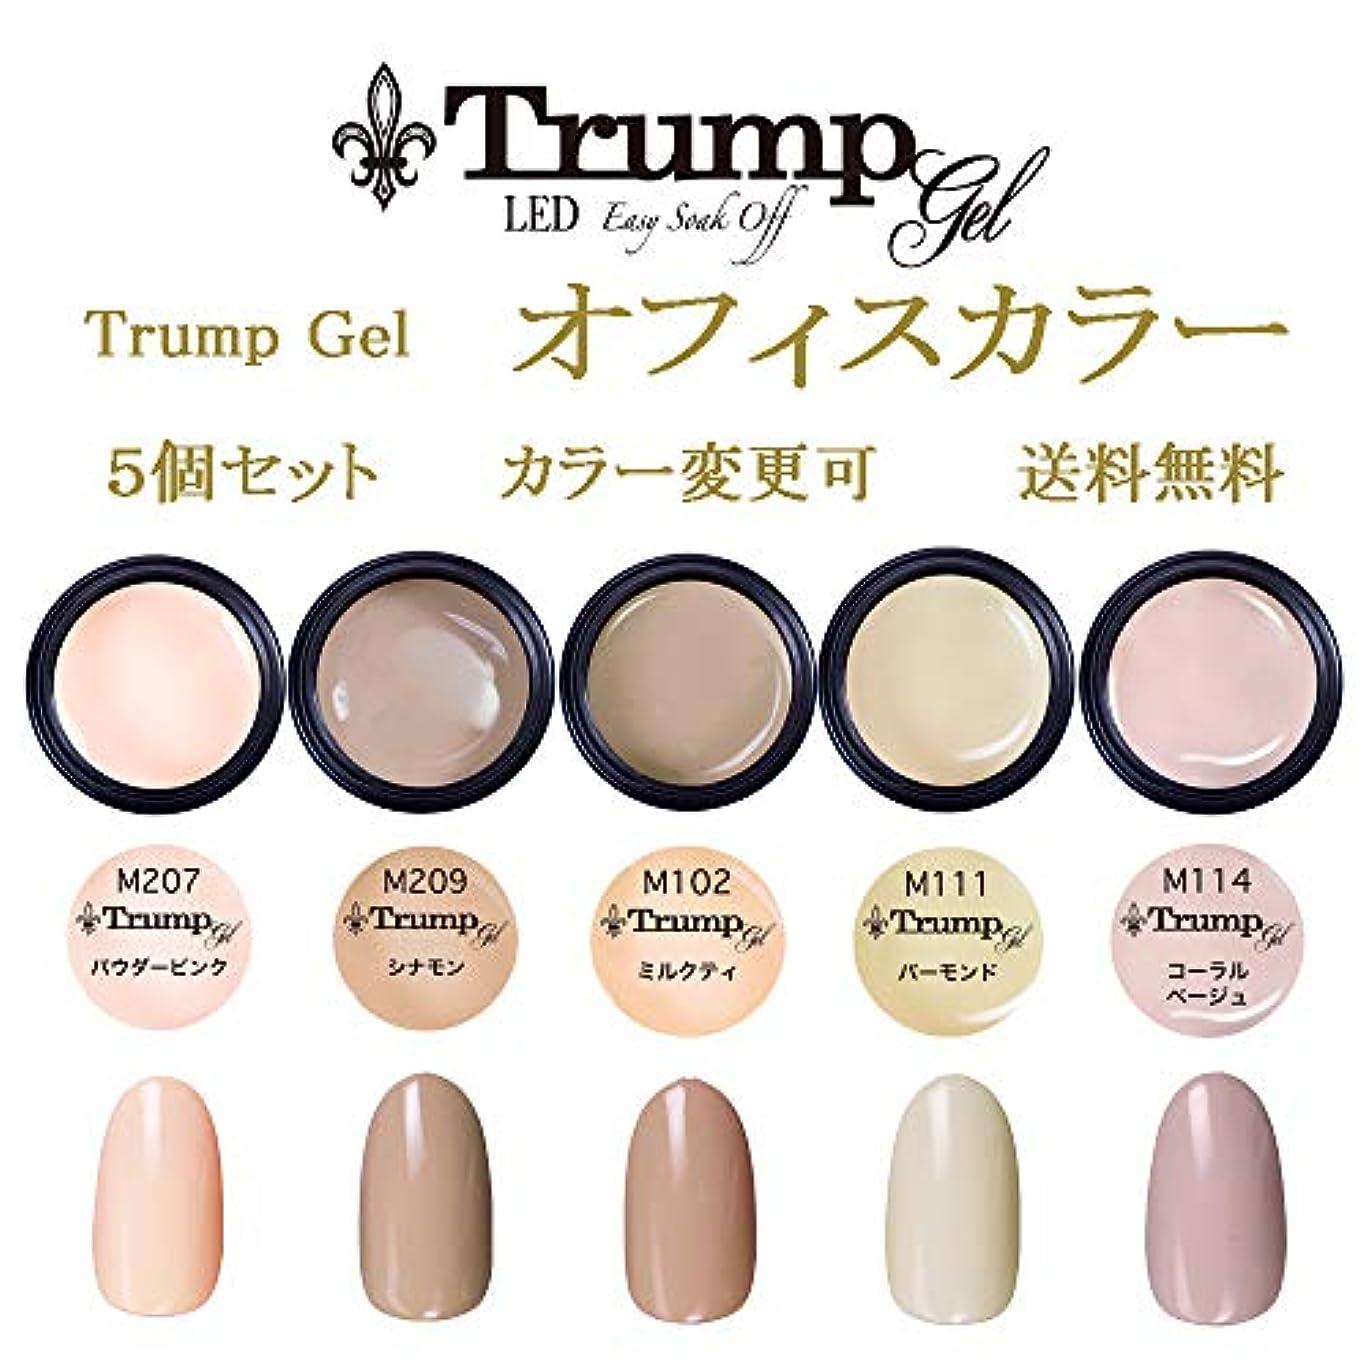 合わせてテメリティ気づかない日本製 Trump gel トランプジェル オフィスカラー 選べる カラージェル 5個セット ベージュ ブラウン ピンク ホワイト ビジネス カジュアル オフィス